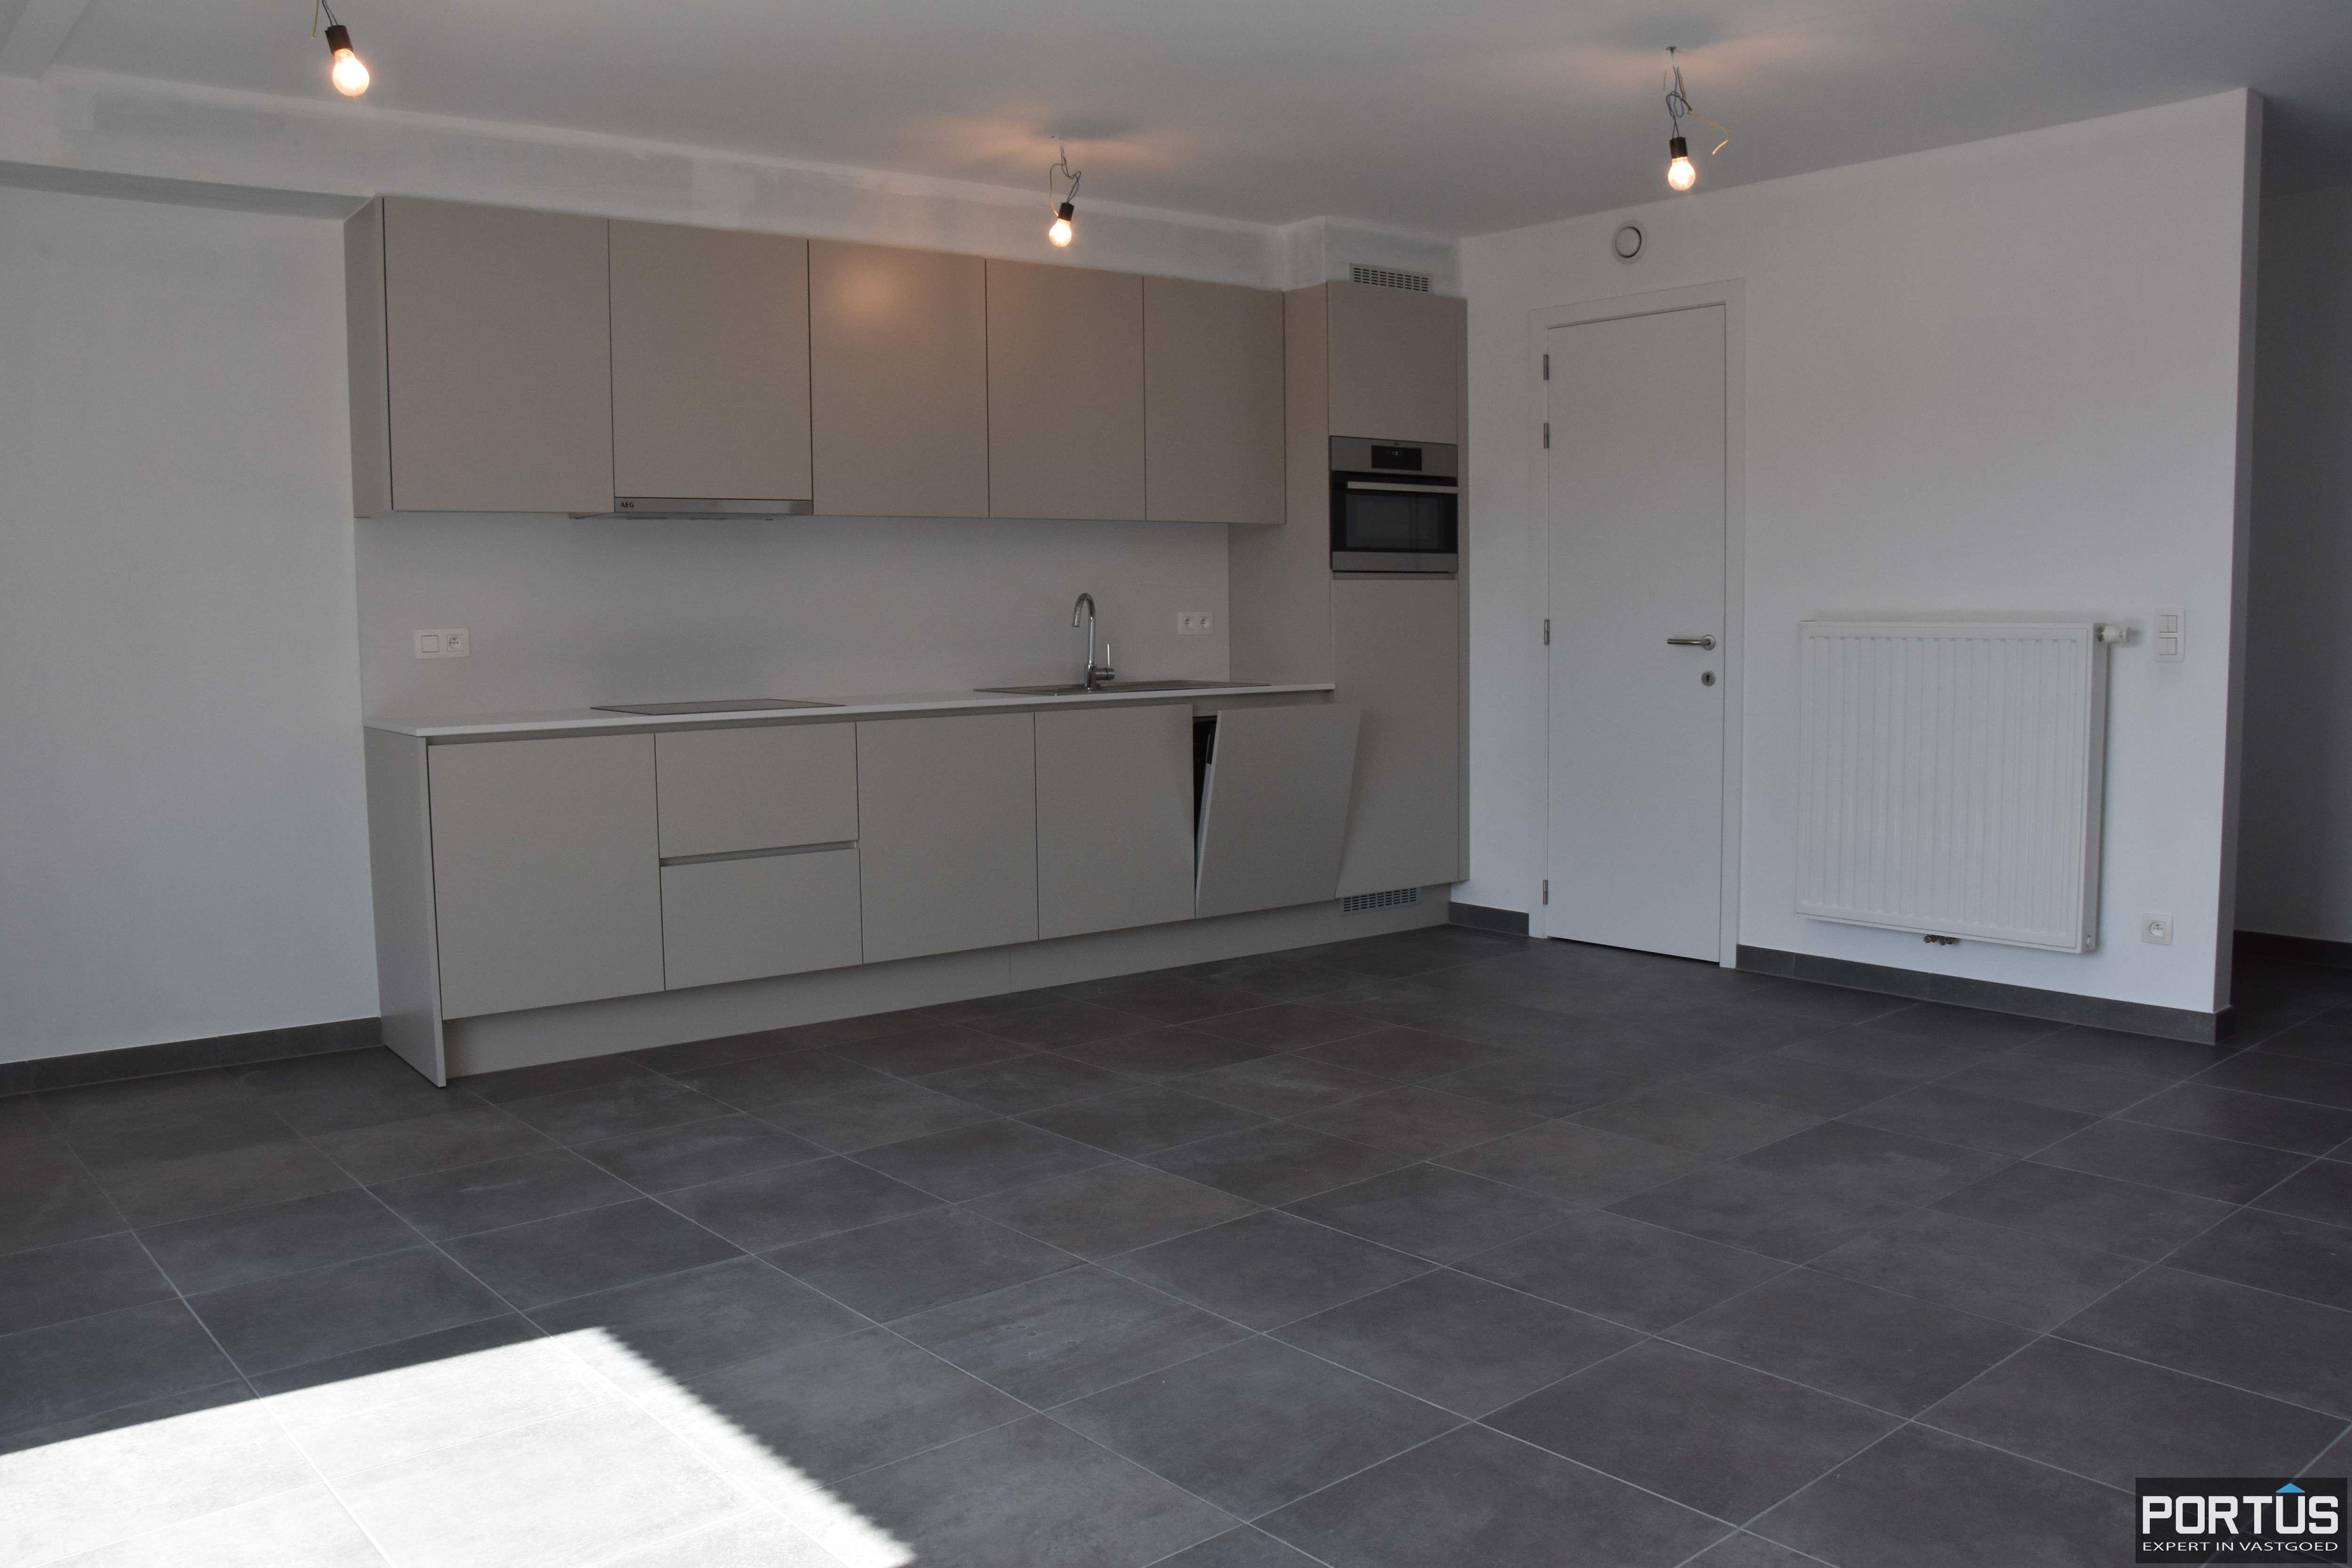 Nieuwbouw duplex-appartement met 2 slaapkamers te huur - 11003